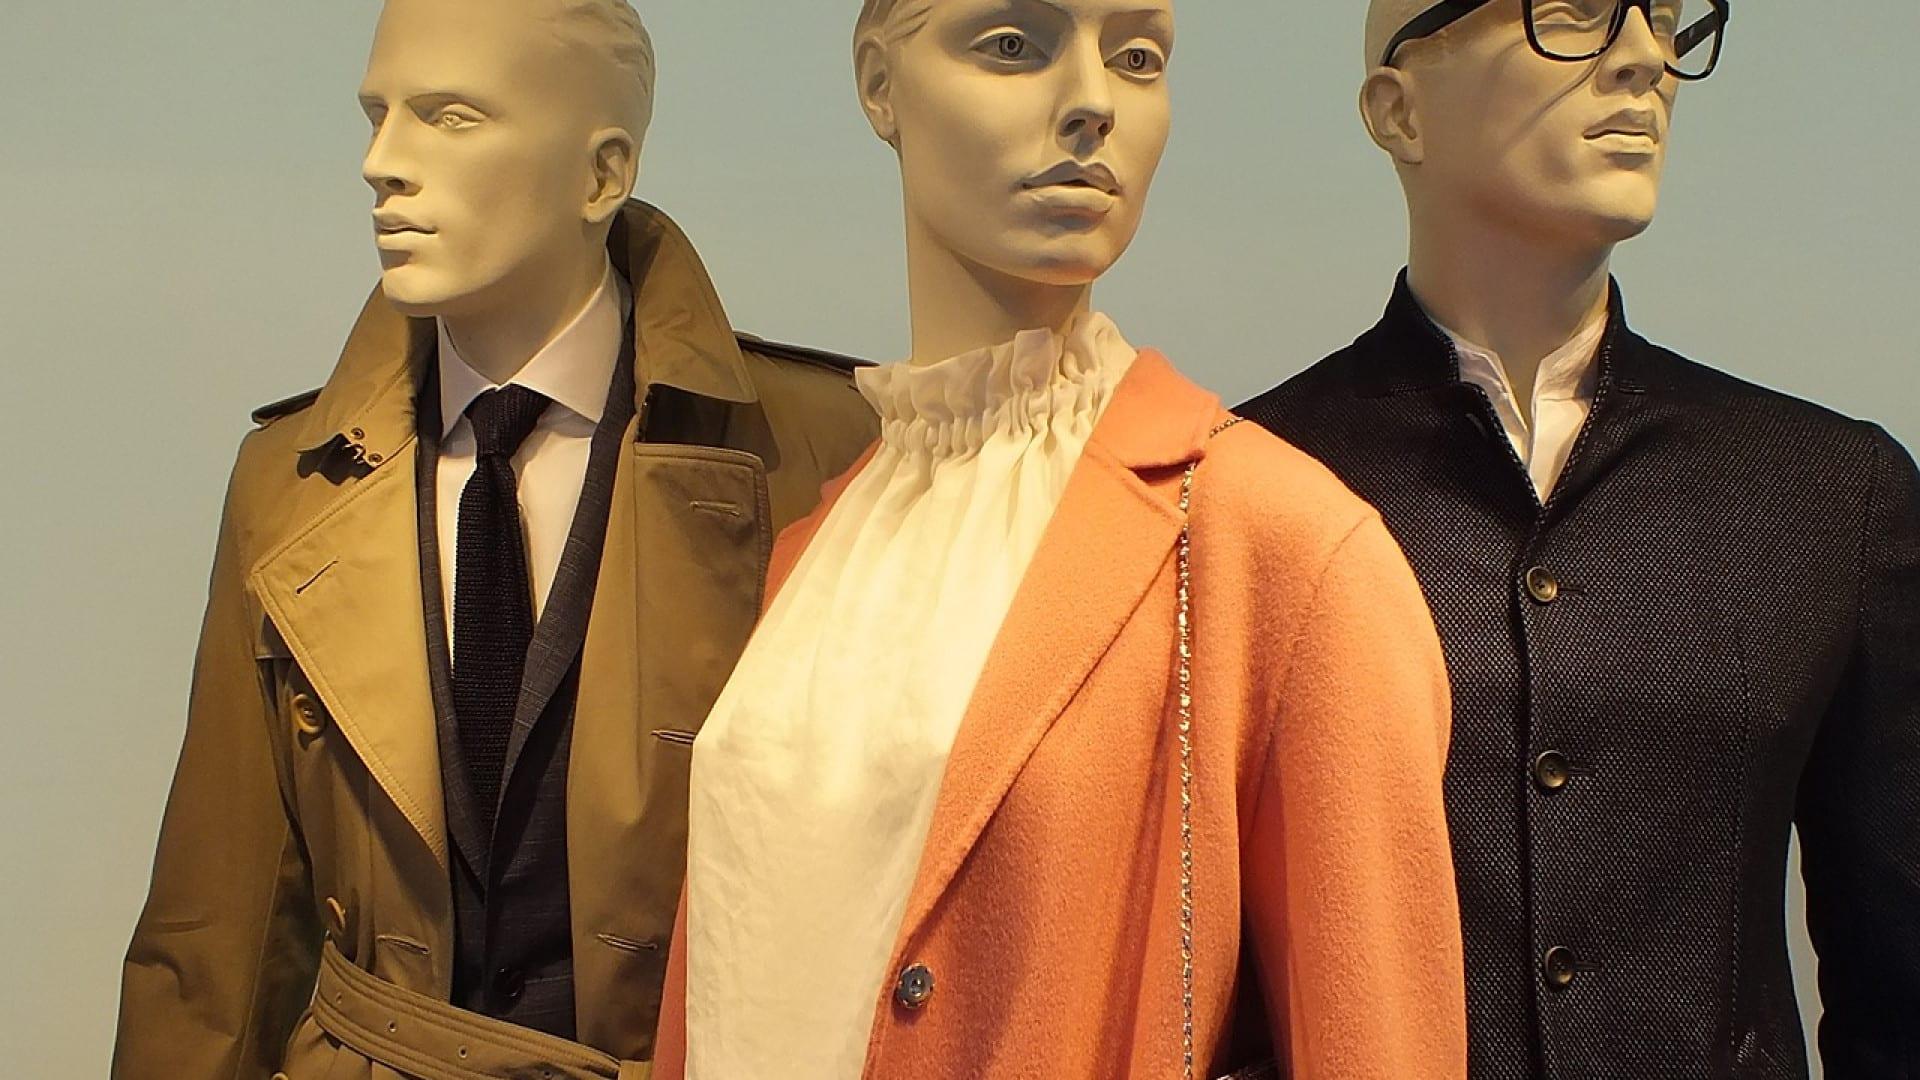 Quelle formation suivre pour devenir un directeur artistique dans la mode ?